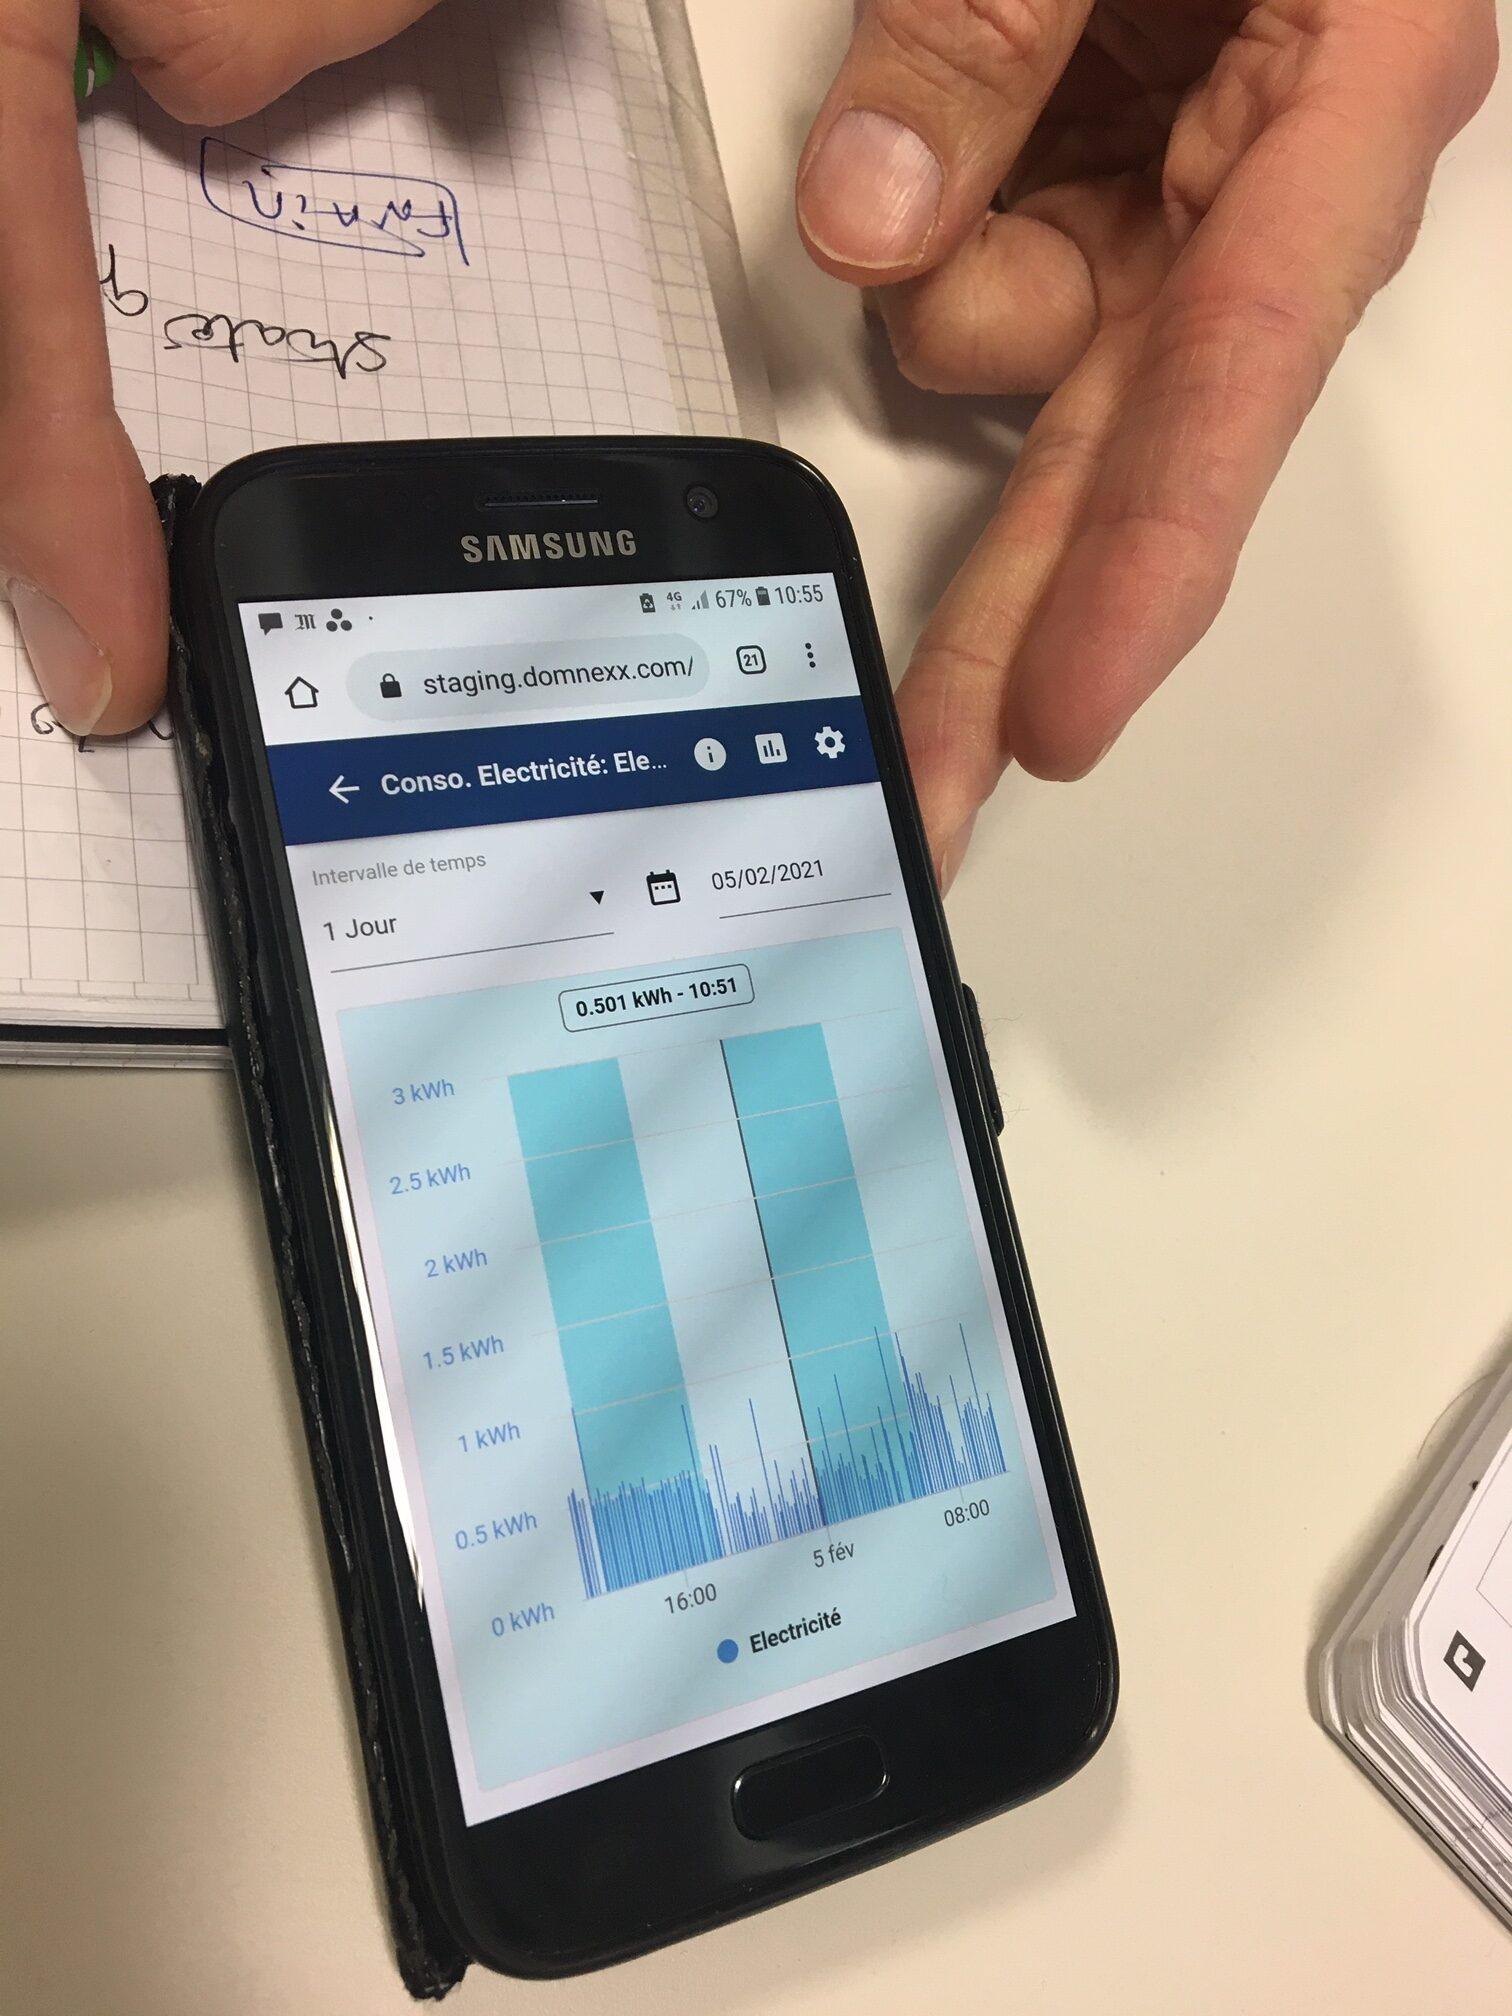 DomNexX : l'art d'IOTiser les bâtiments pour rendre les compteurs intelligents et monitorer l'ensemble des flux (air, eau, électricité).